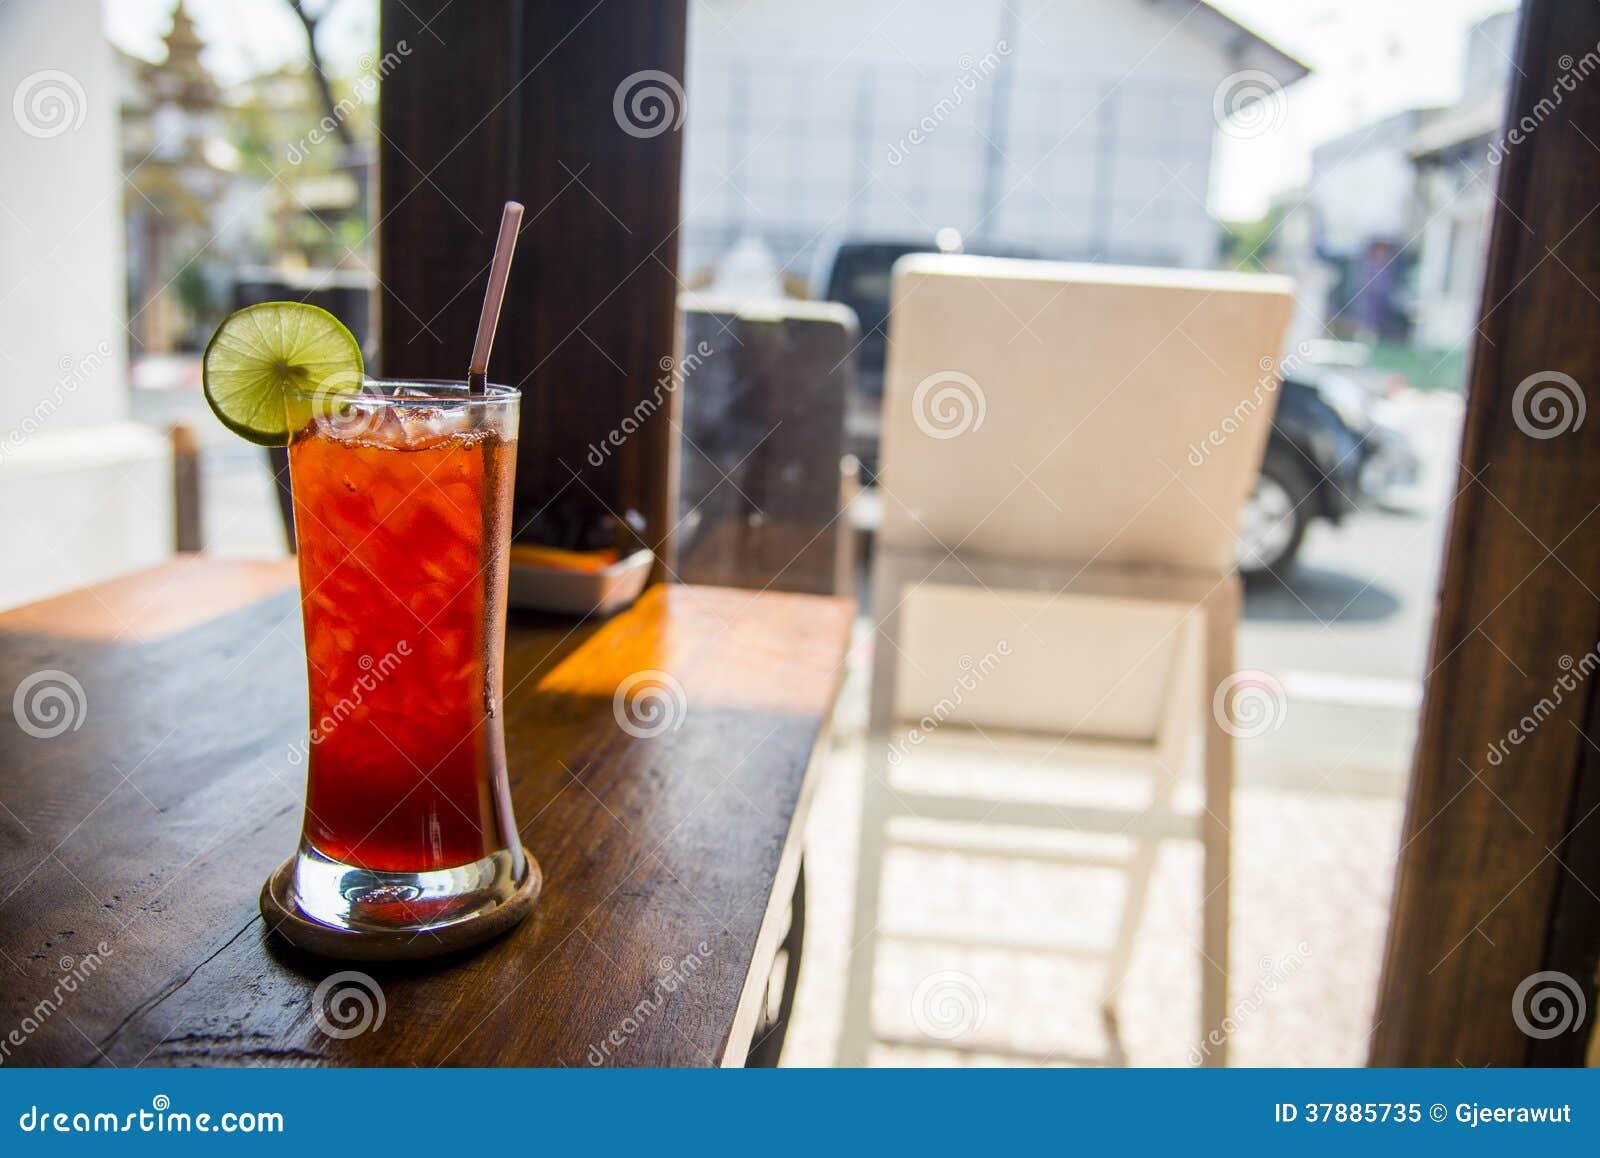 Citroenthee met ijs in cafe4